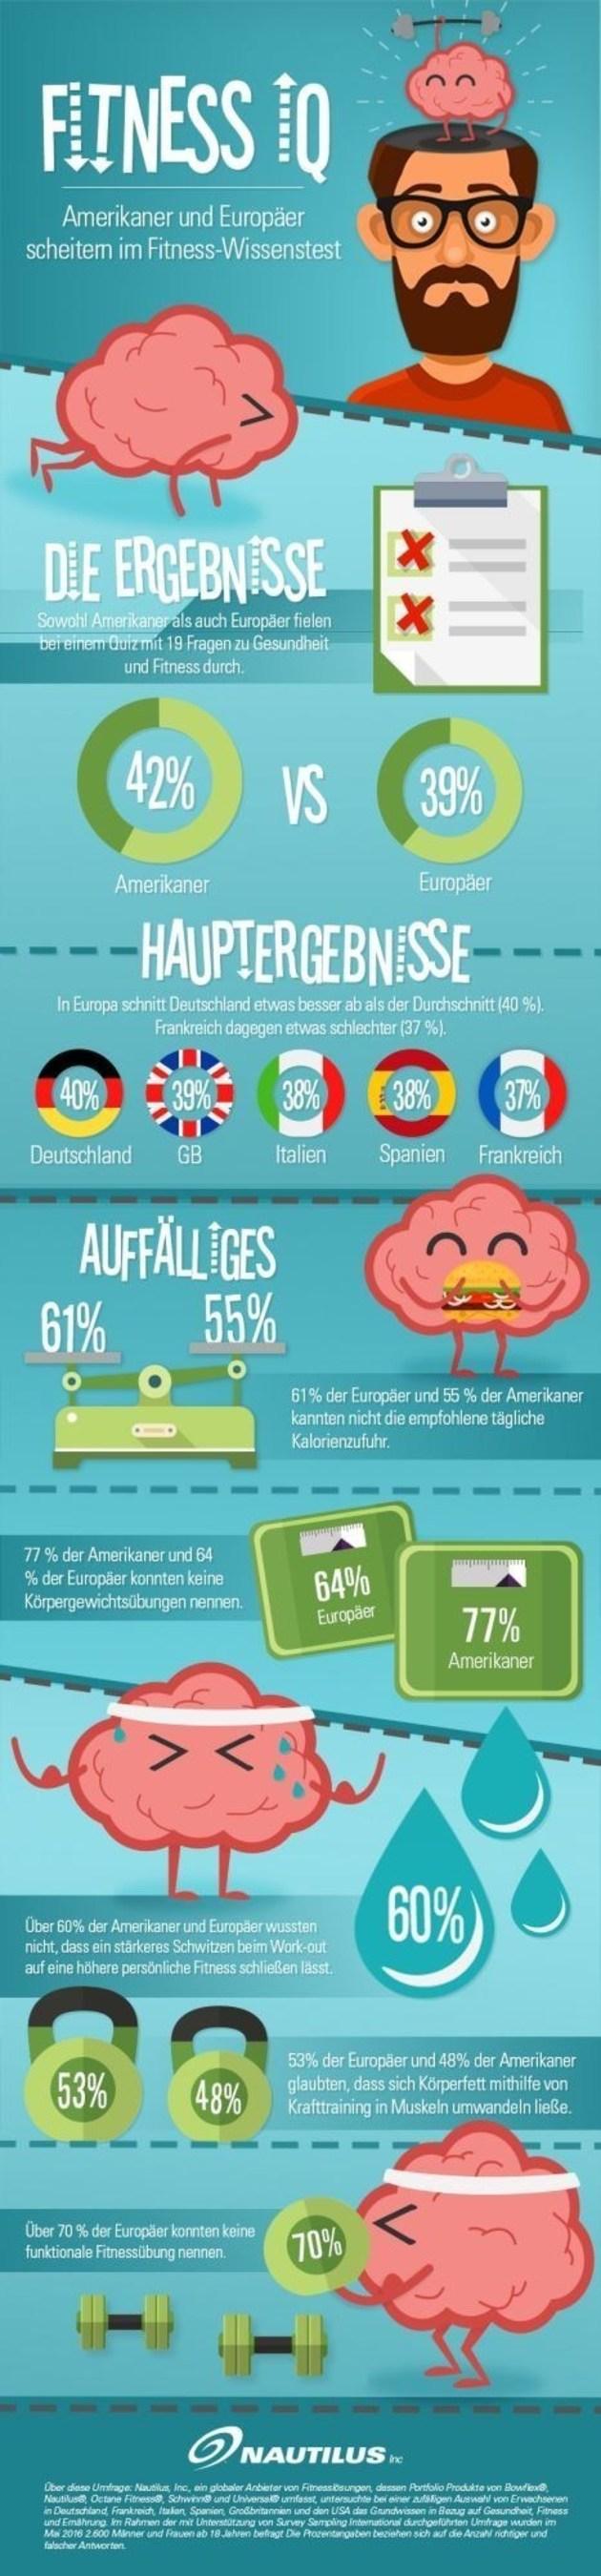 Amerikaner und Europaer scheitern im Fitnesstest (PRNewsFoto/Nautilus, Inc.)